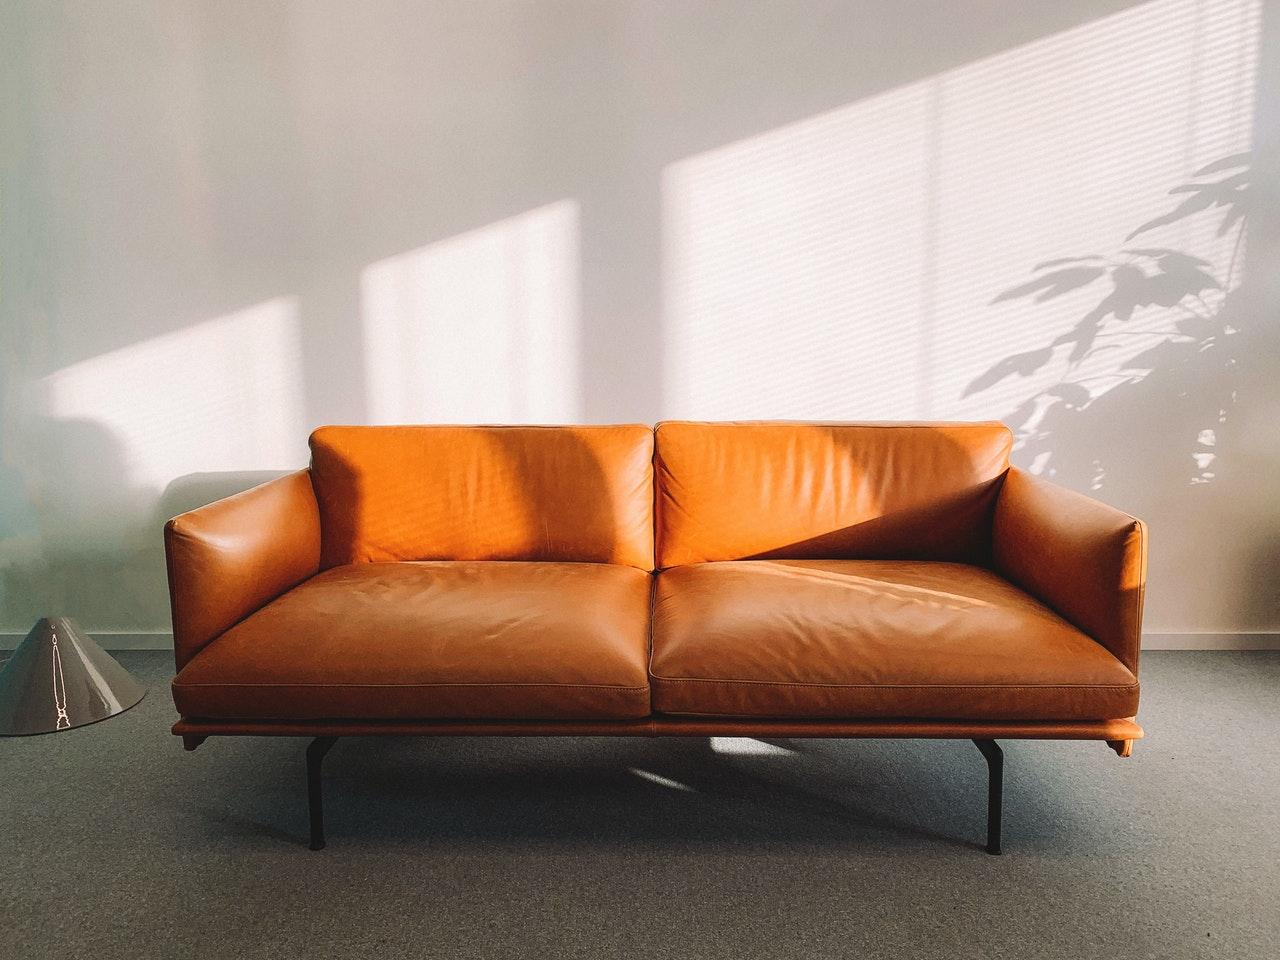 Auch Möbel aus Leder können mit einem guten Lederöl gepflegt werden.